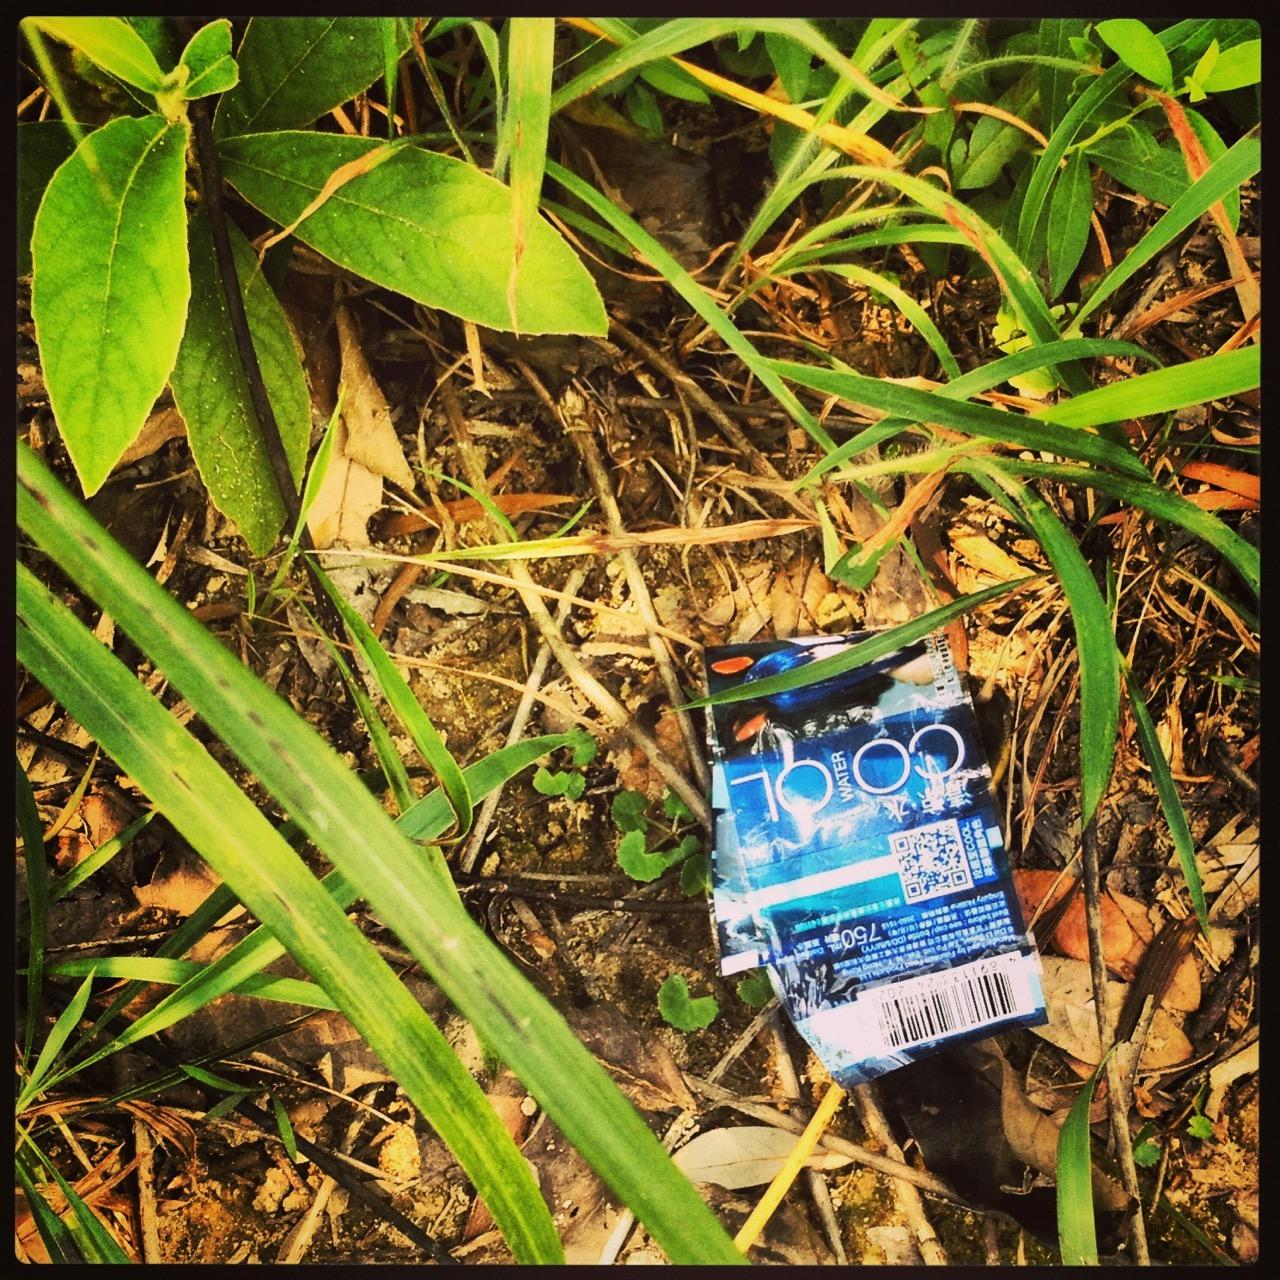 trail litter